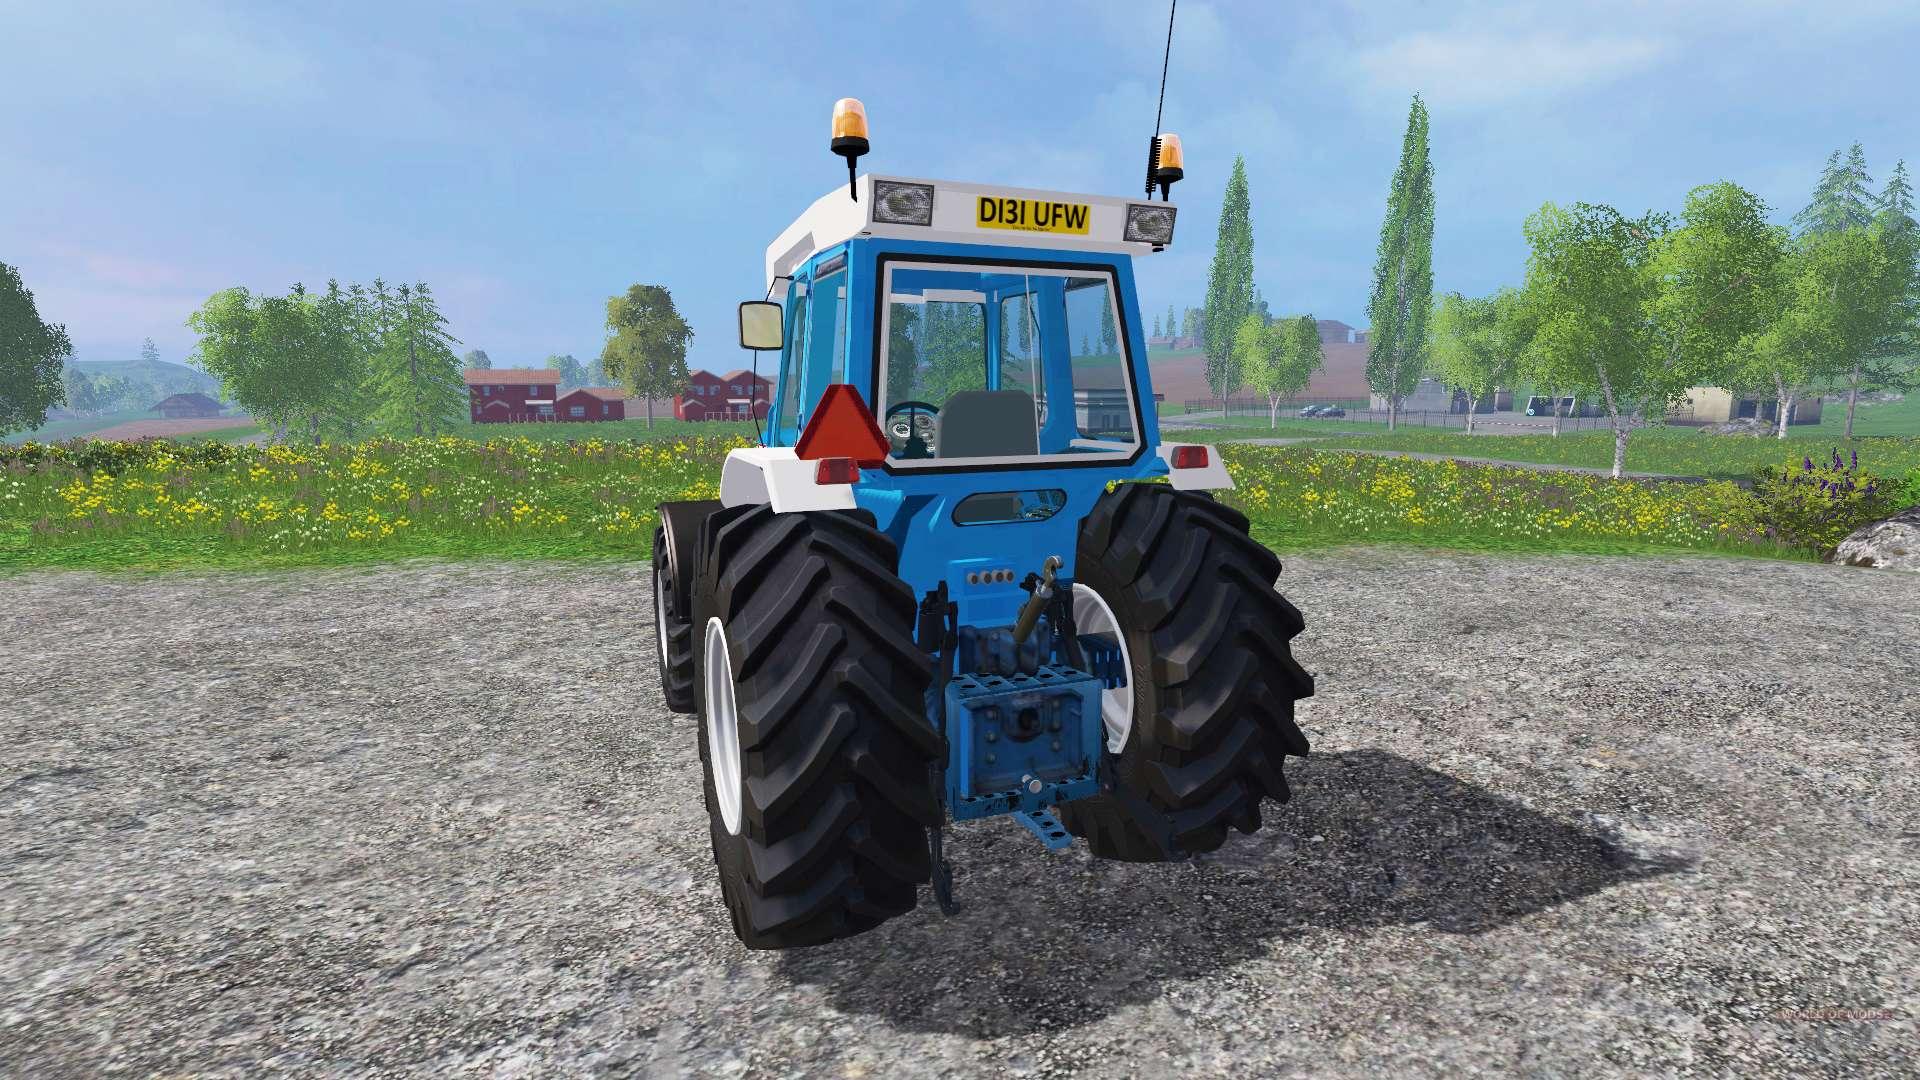 Трактор МТЗ 952.5 | Беларус-МТЗ обозрение